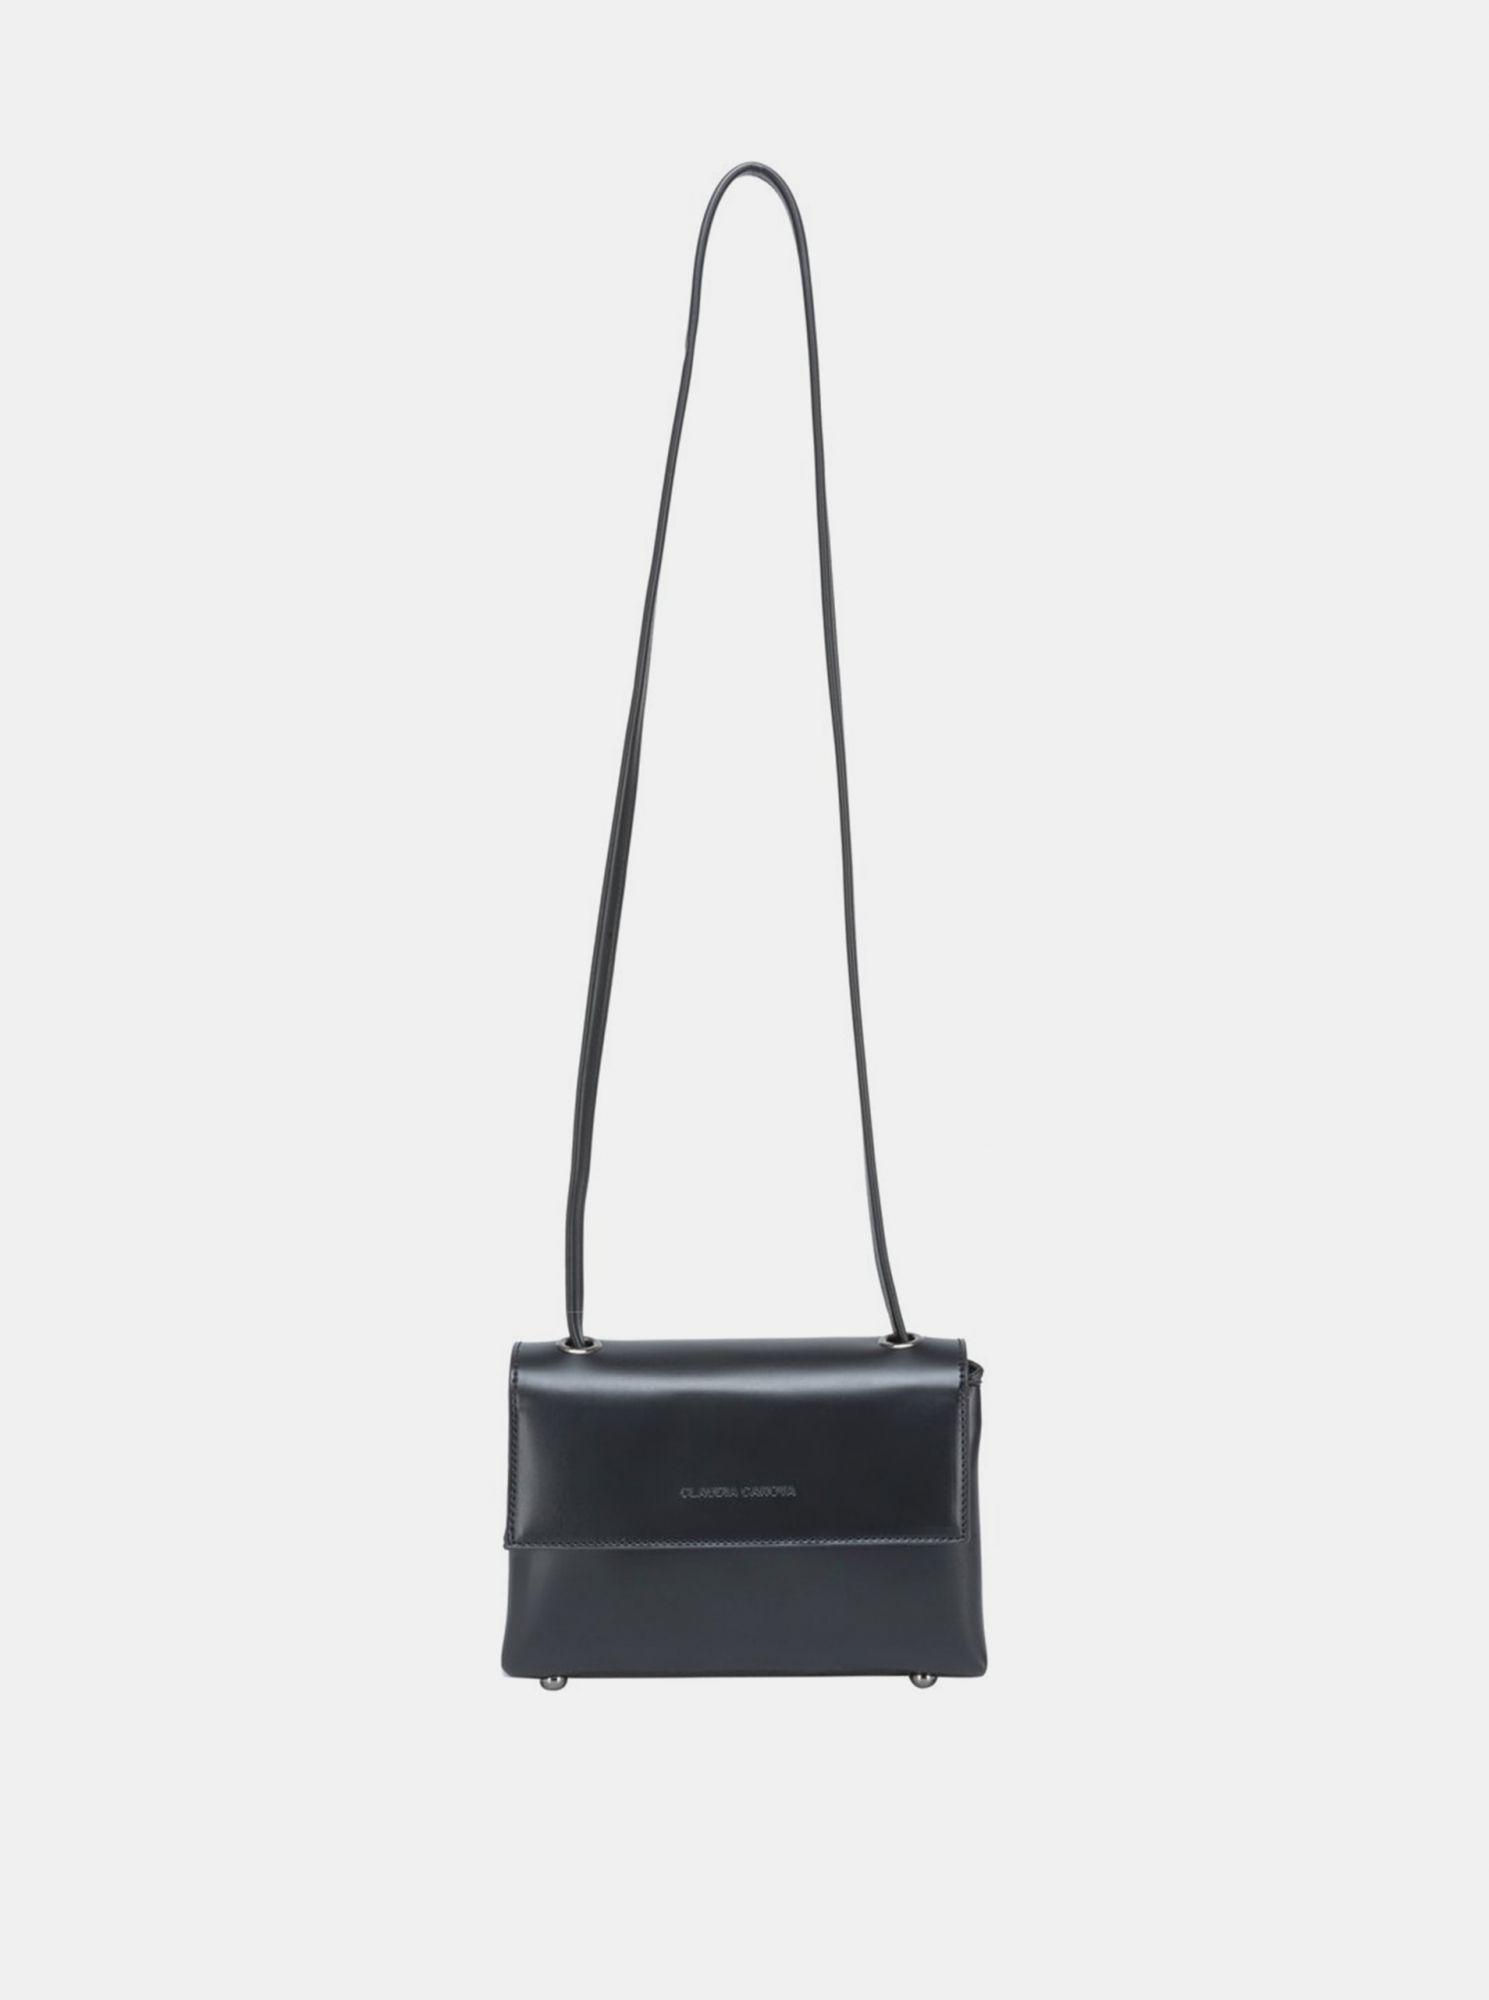 Claudia Canova black crossbody handbag